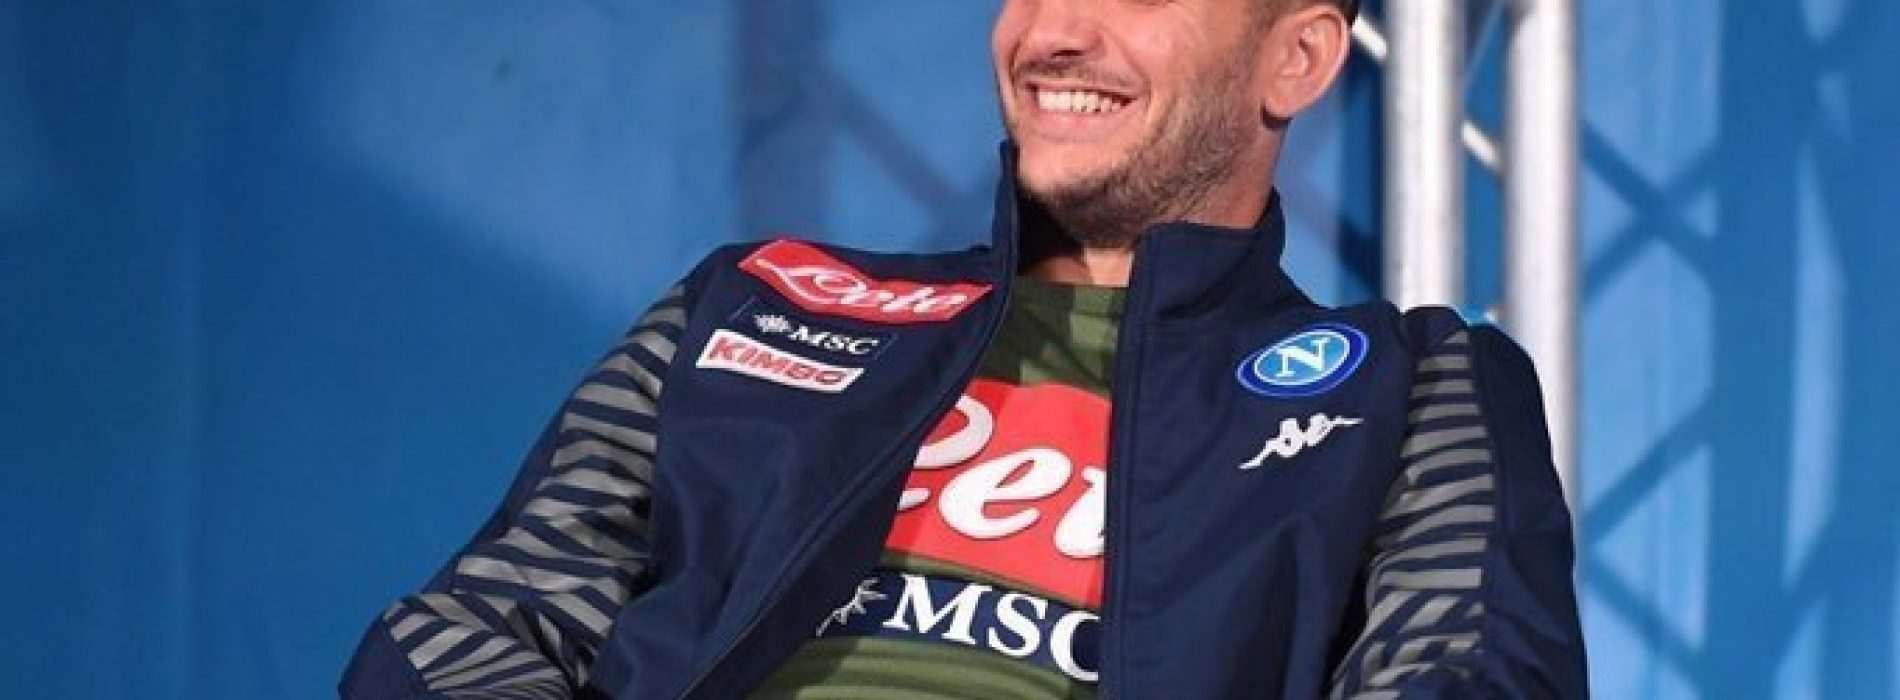 """Napoli, Manolas: """"Ho deciso io di venire qui, tifosi emozionanti"""""""